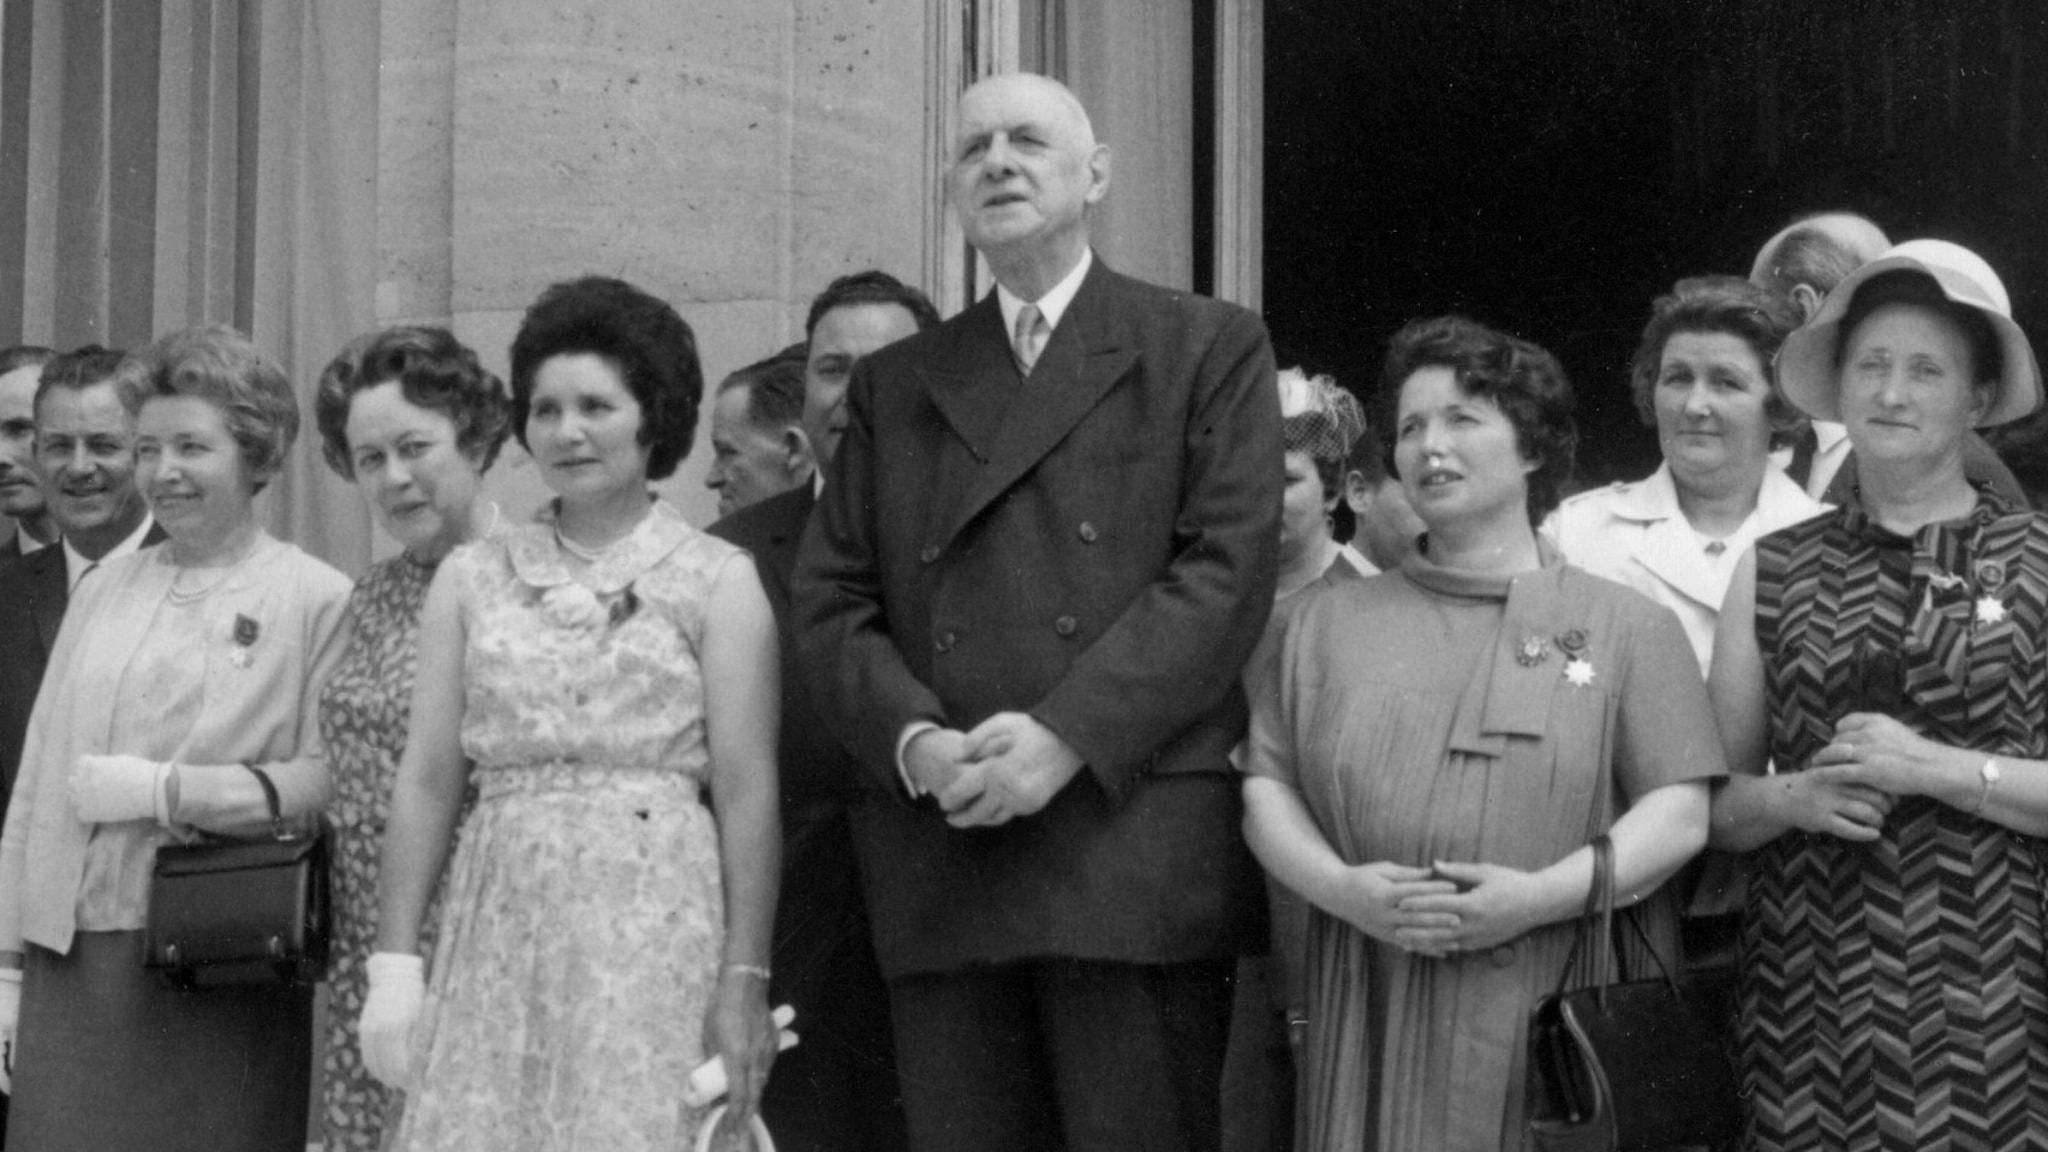 Franske generalen och politikern Charles de Gaulle firar Mors Dag utanför presidentpalatset i Paris, omgiven av kvinnor.